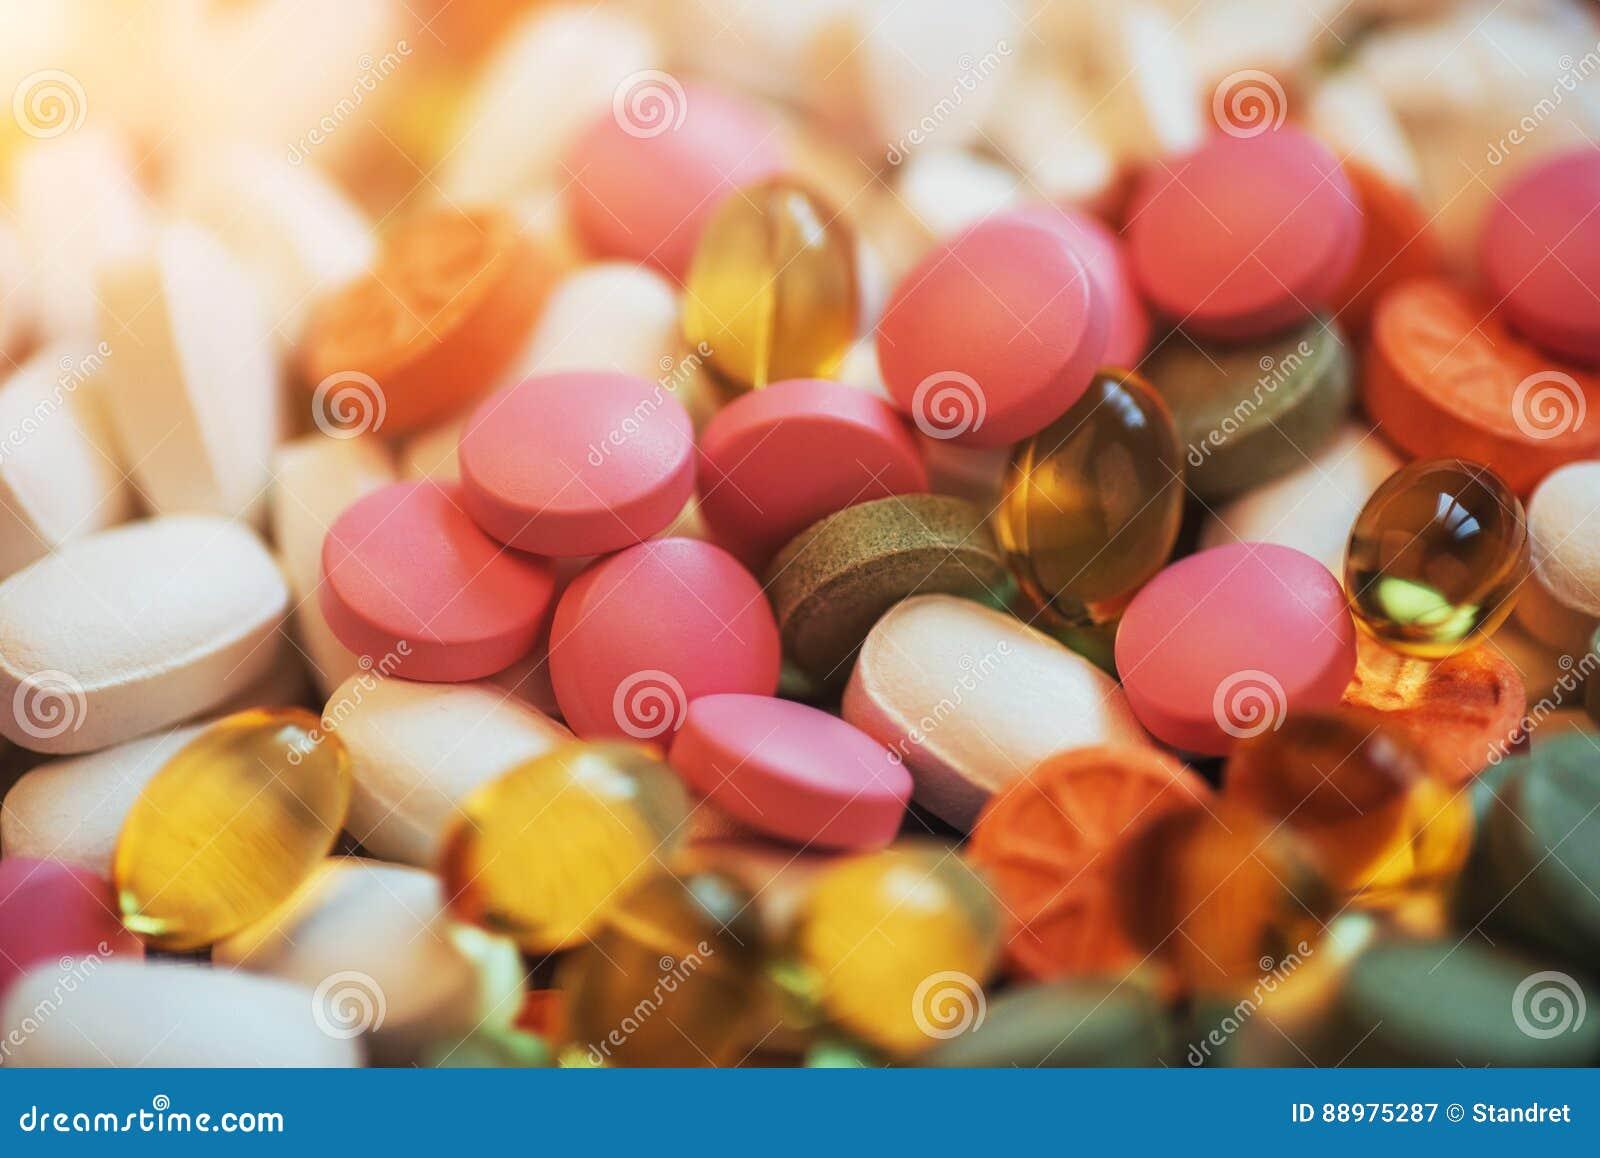 Comprimidos, cápsulas ou suplementos coloridos médicos para o tratamento e os cuidados médicos em um fundo claro